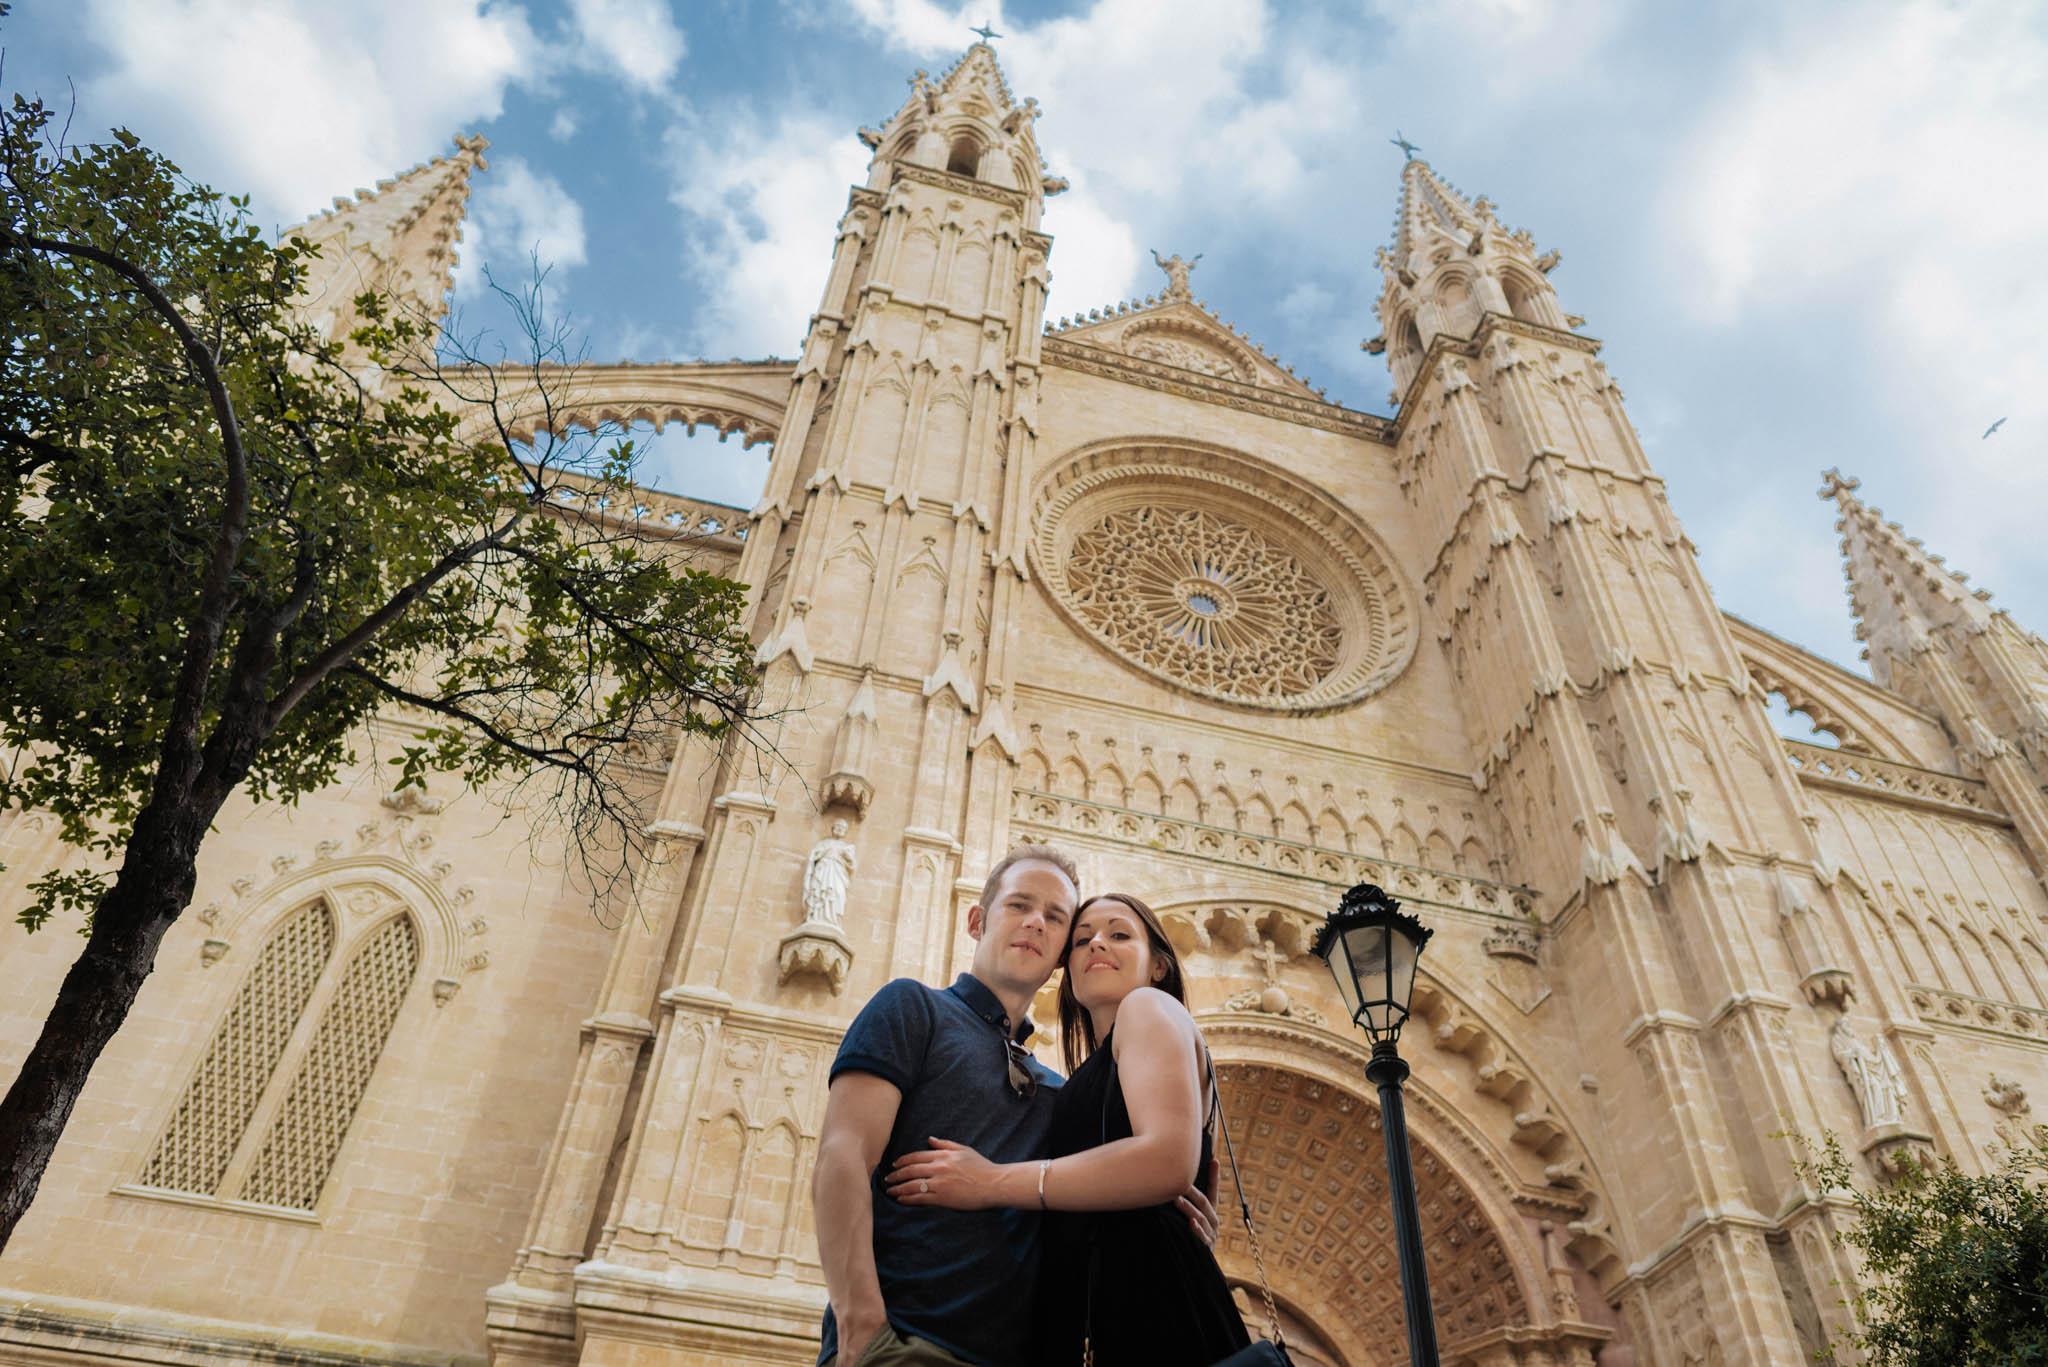 destination-wedding-photography-spain-palma-de-mallorca (40)